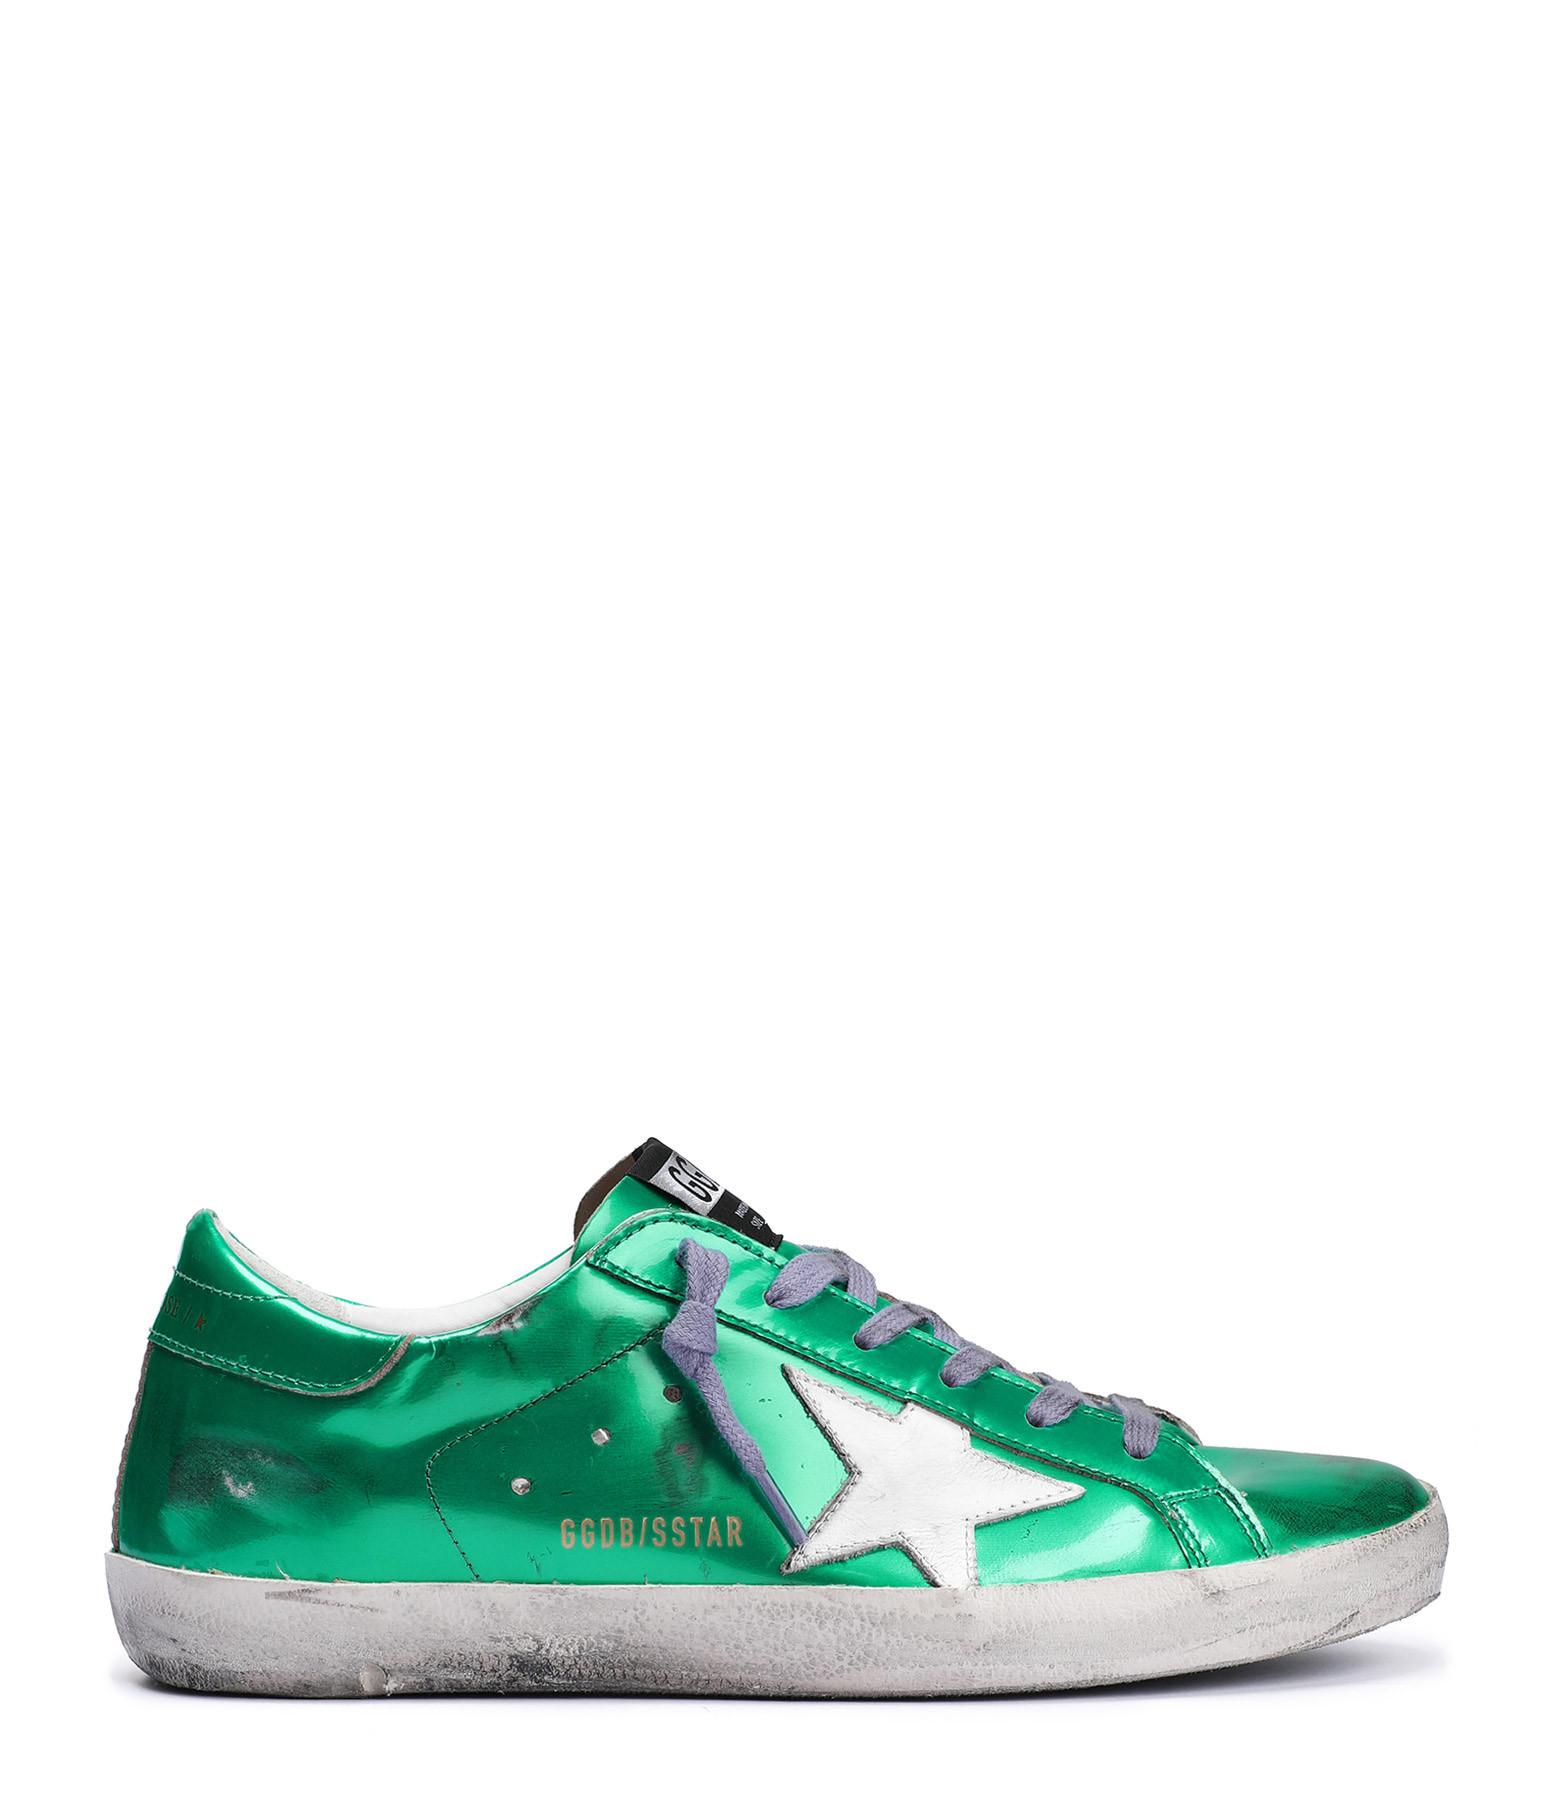 GOLDEN GOOSE - Baskets Superstar Cuir Vert Violet